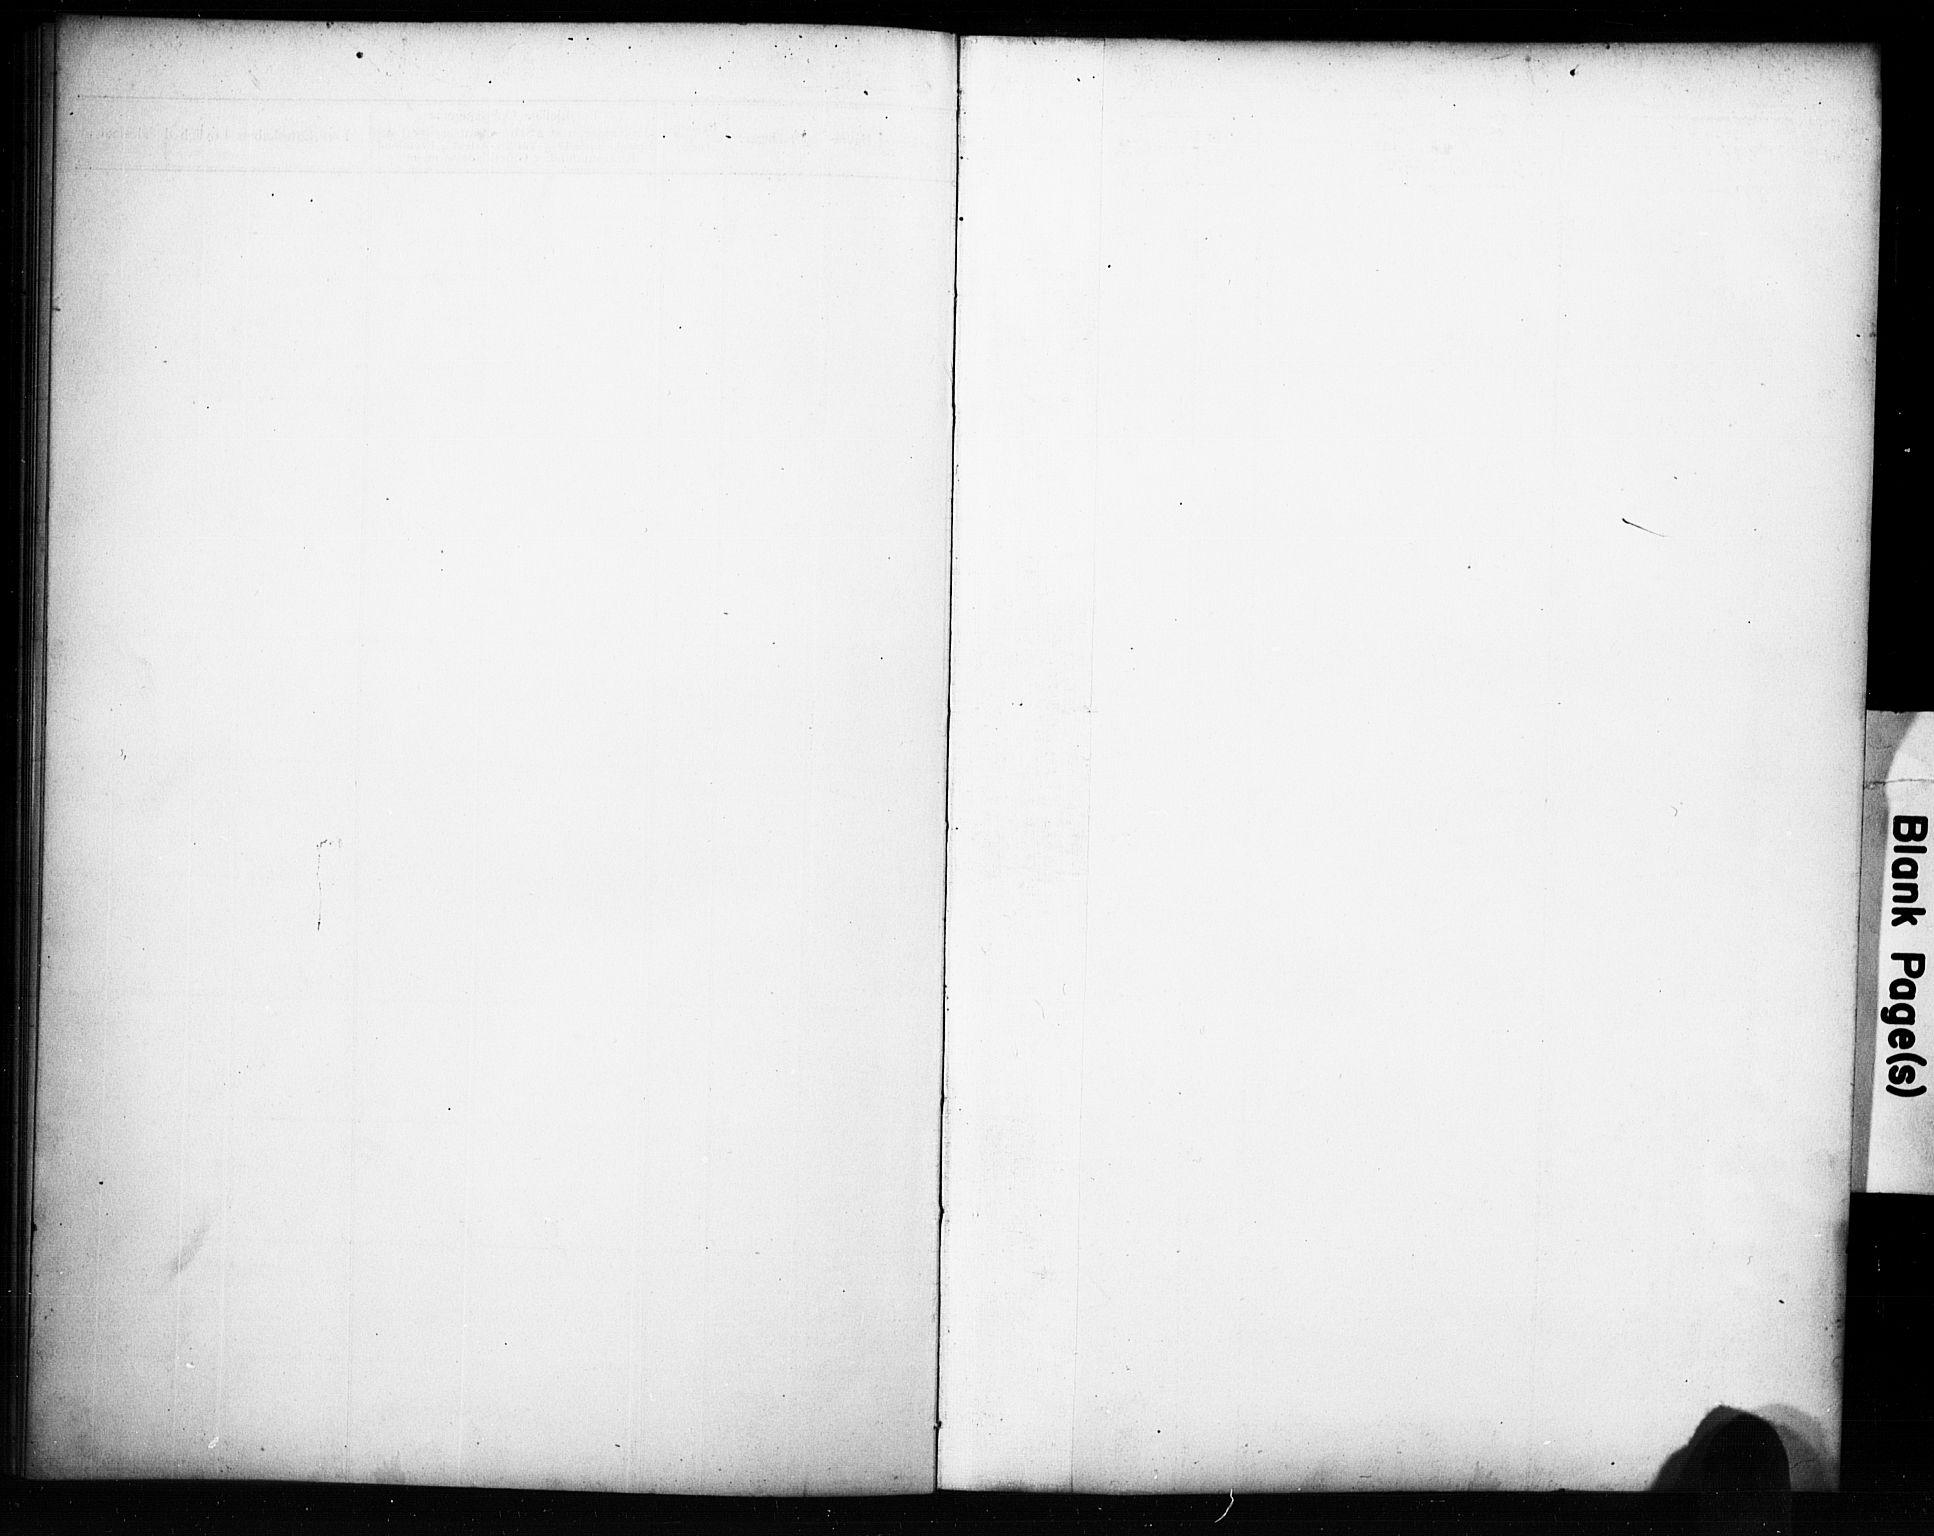 SAKO, Kviteseid kirkebøker, H/Ha/L0001: Lysningsprotokoll nr. 1, 1904-1919